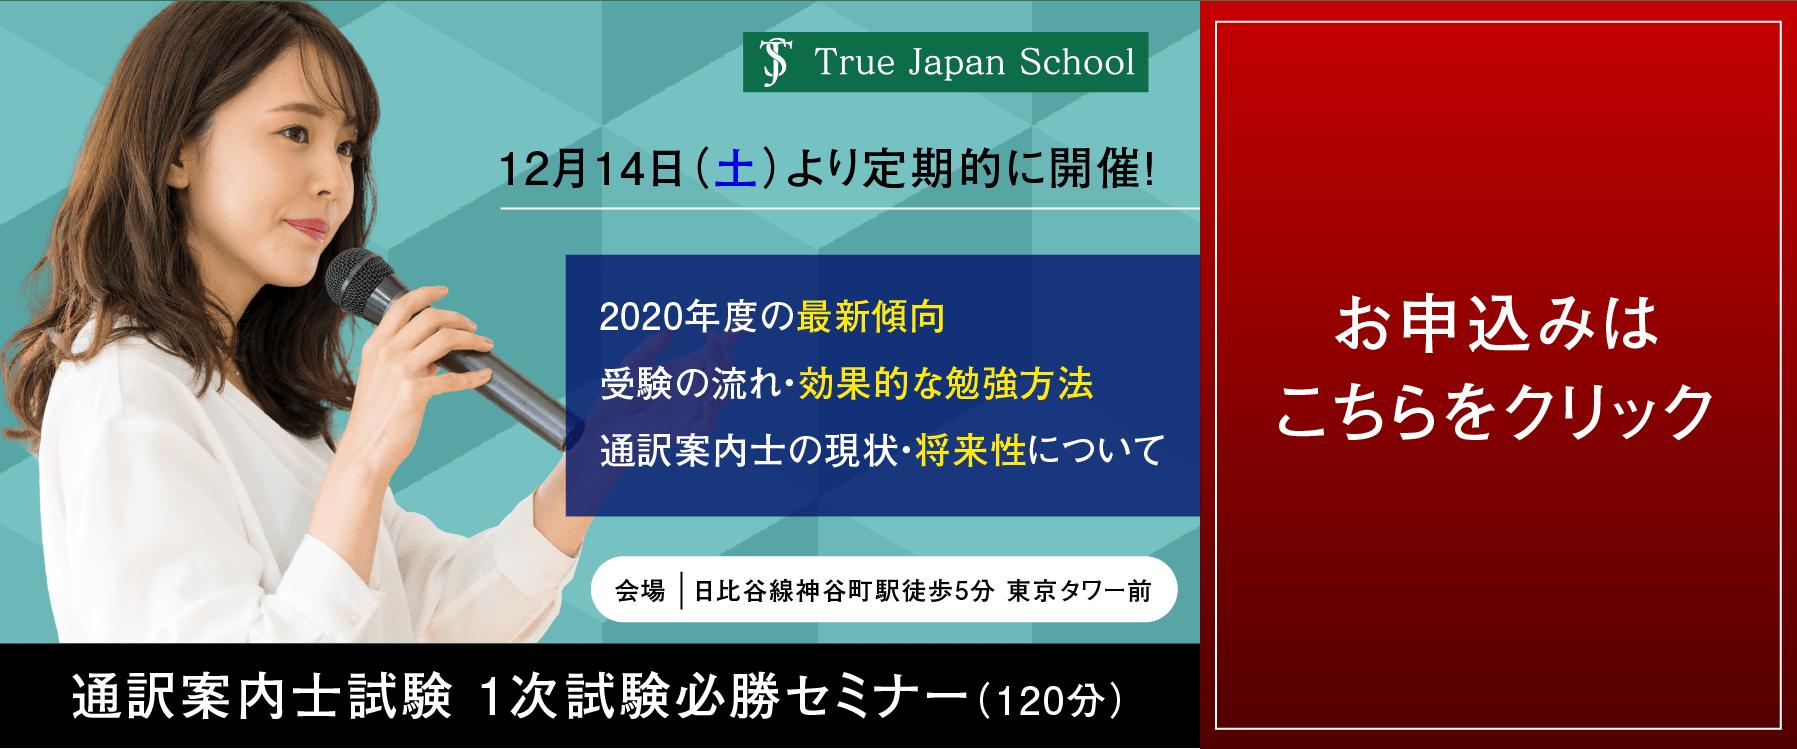 2020年度対応 通訳案内士試験1次試験必勝セミナー